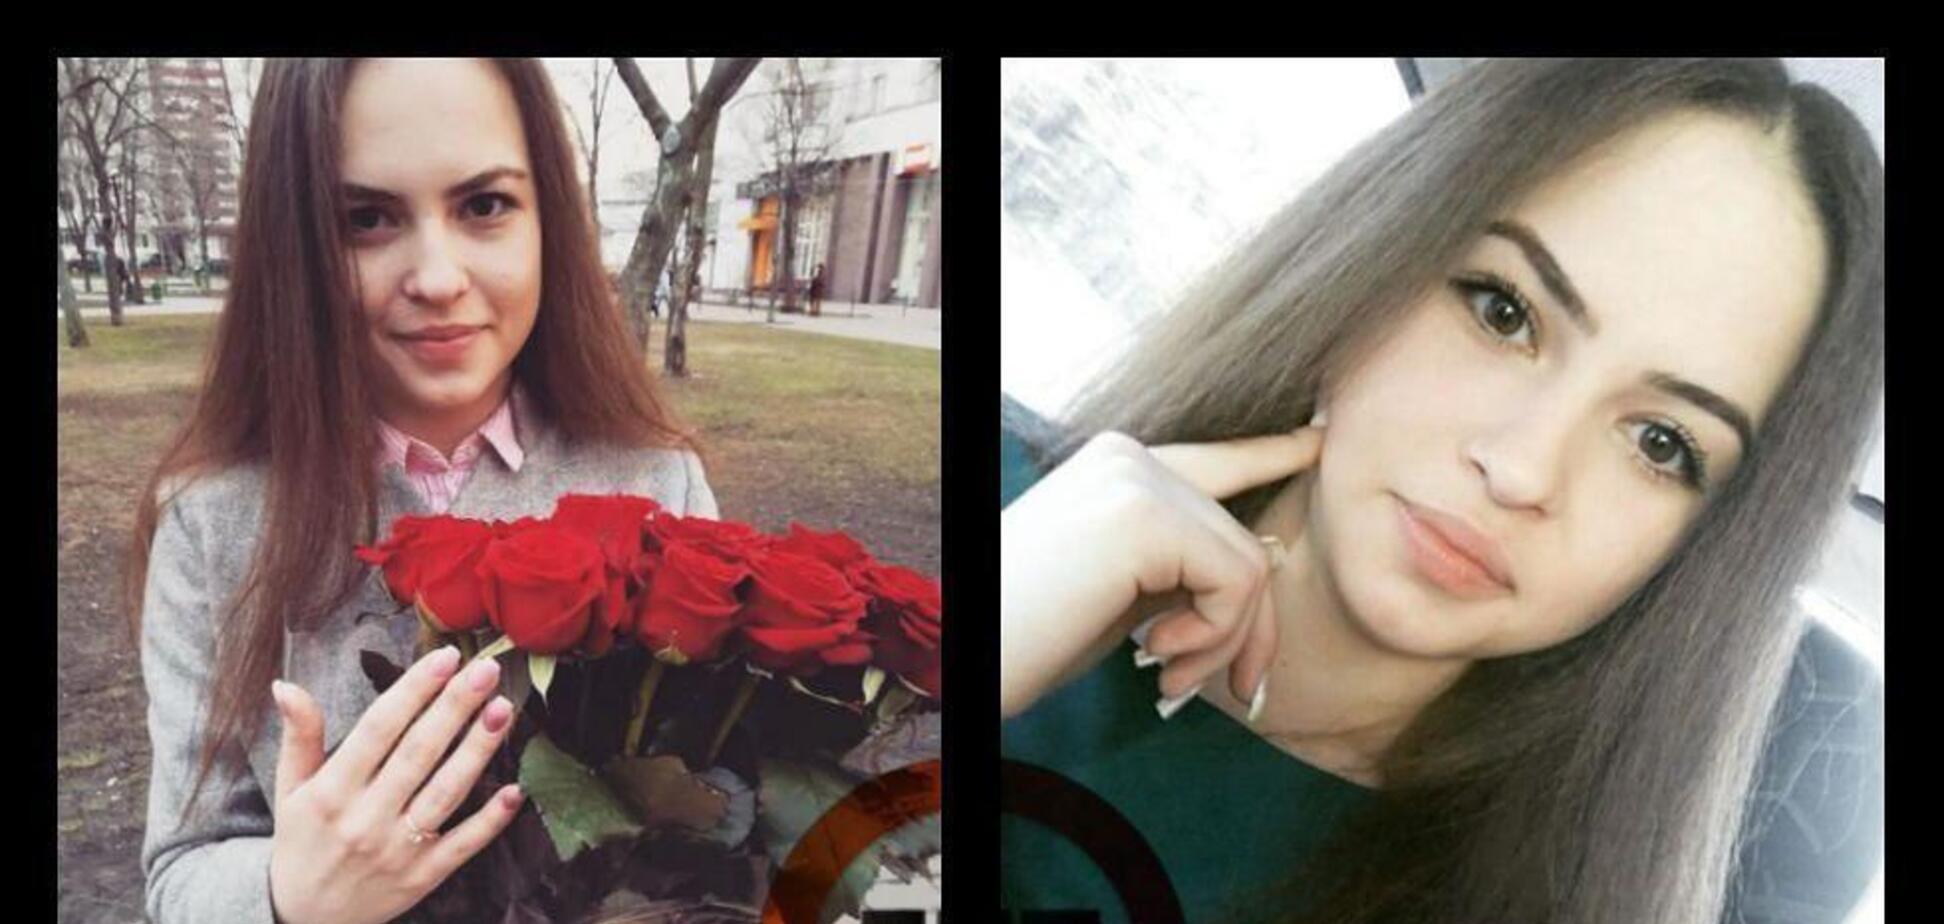 'Розчавило легені': у Києві у страшній ДТП загинула 21-річна дівчина. Фото 18+